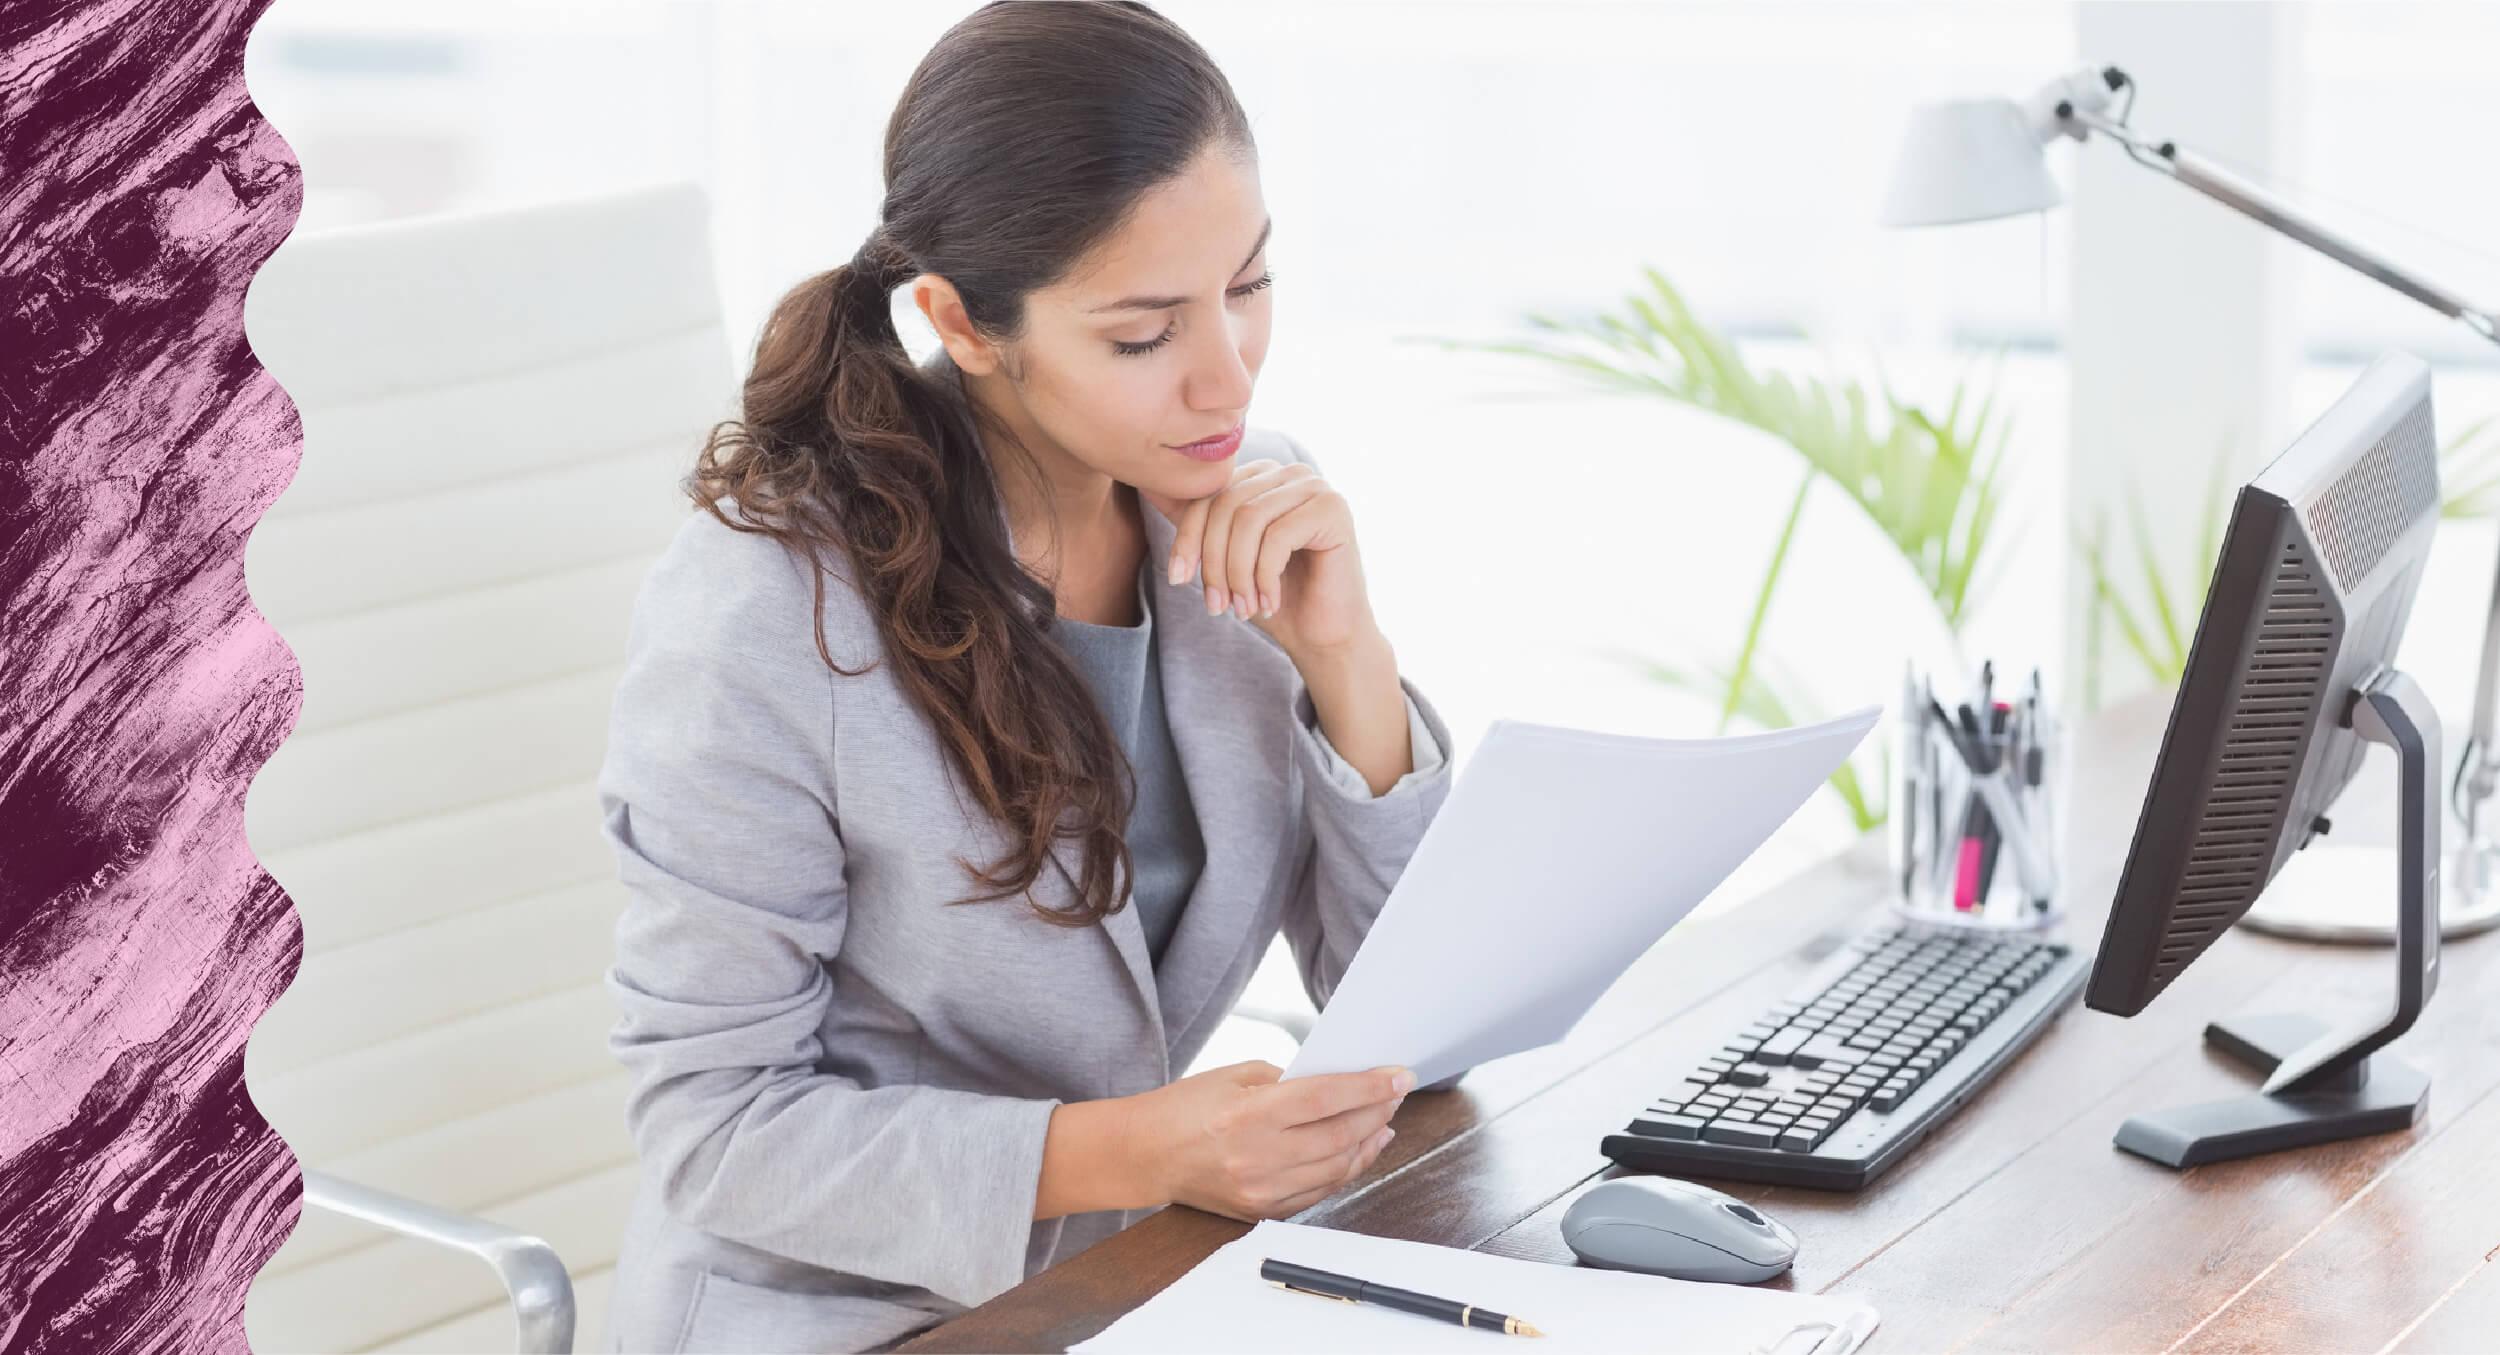 How to avoid permanent establishment risk